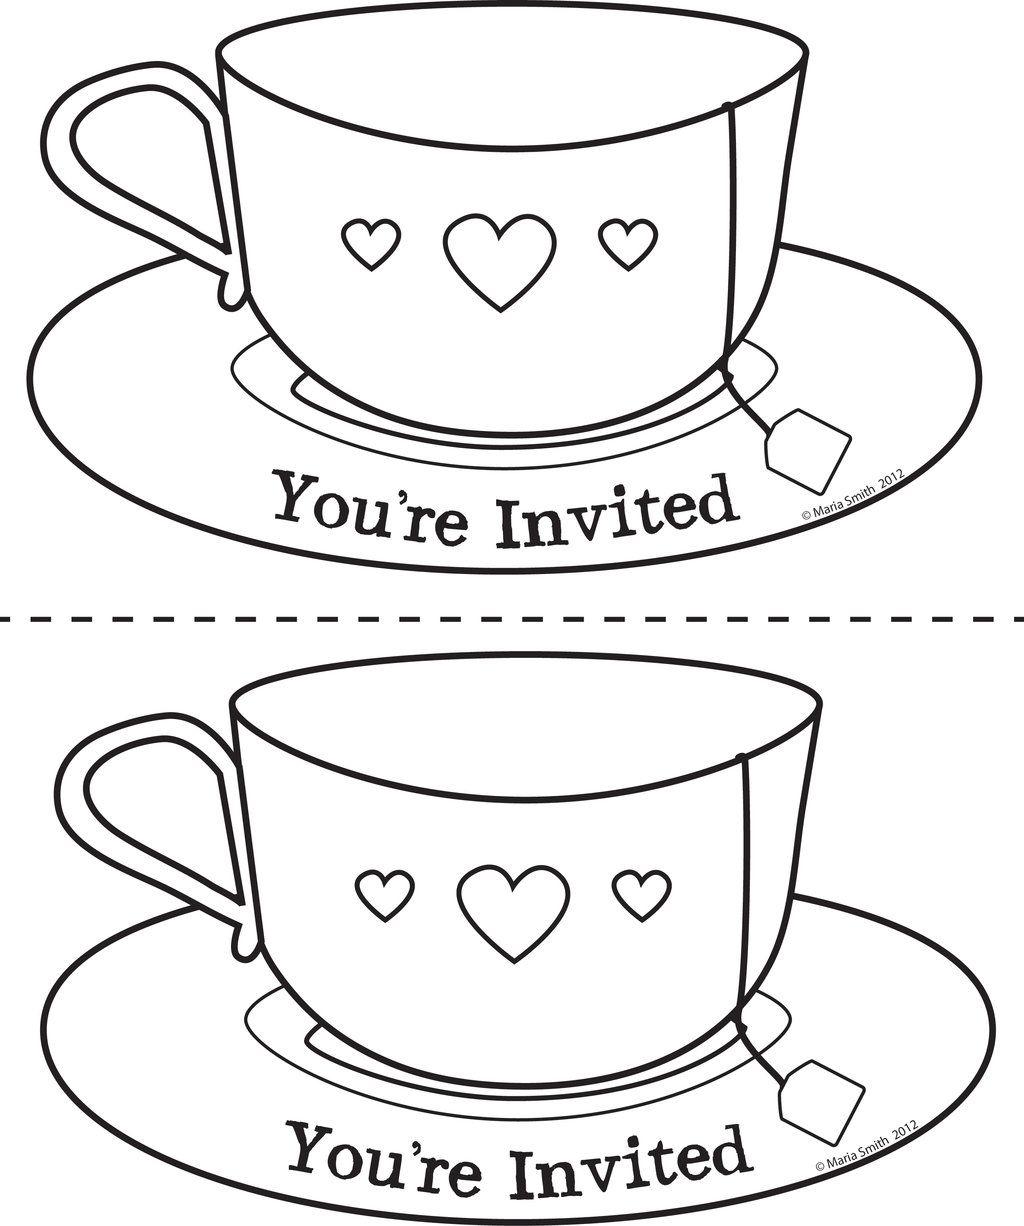 фото раскраска чашечка с блюдцем понятно чём речь